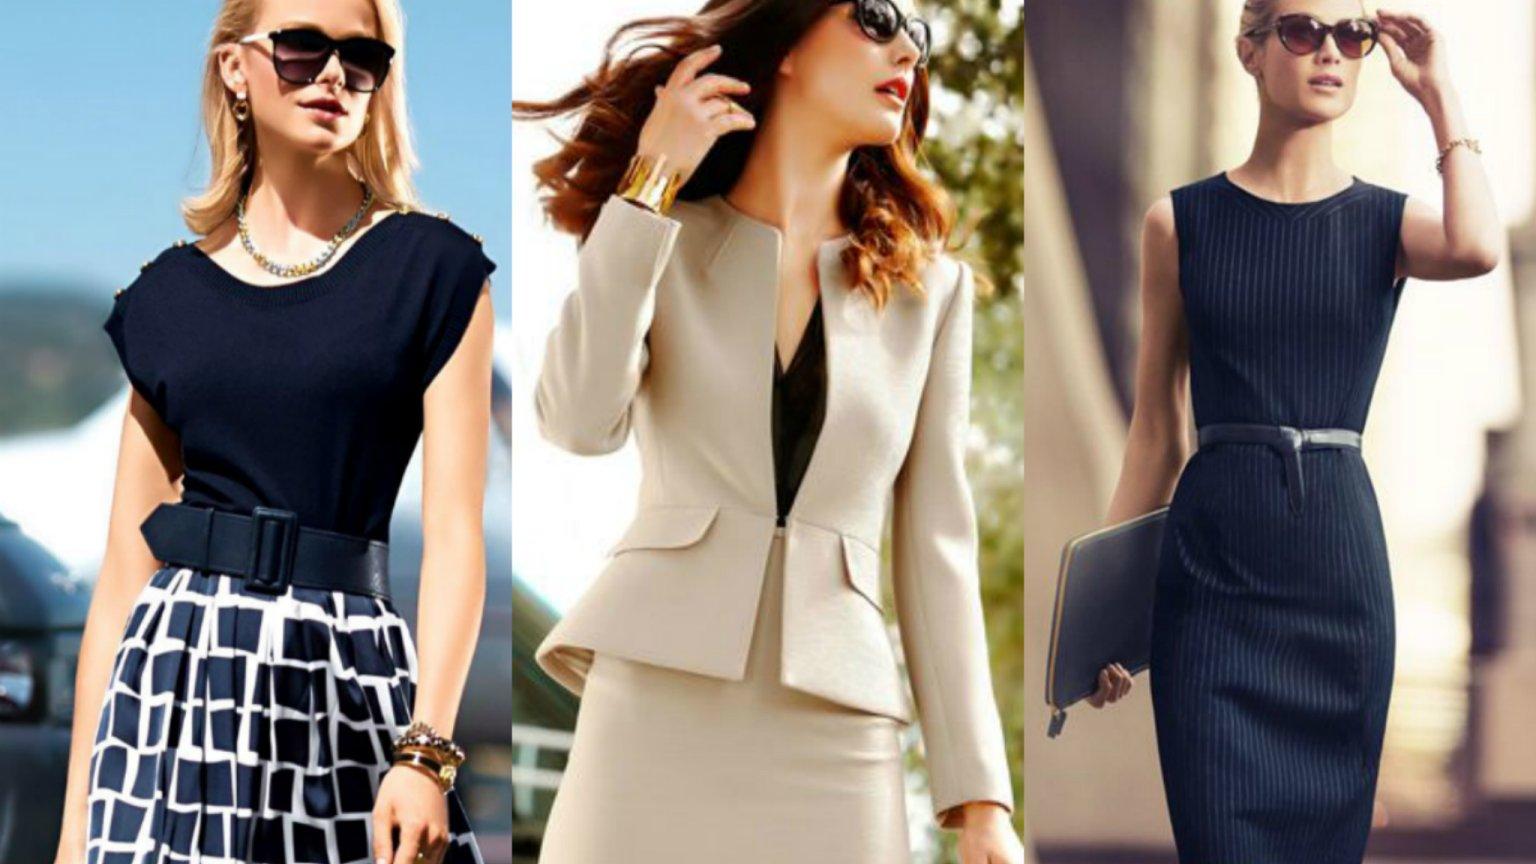 e37b79816a Wiosenne sukienki do pracy za mniej niż 150 zł